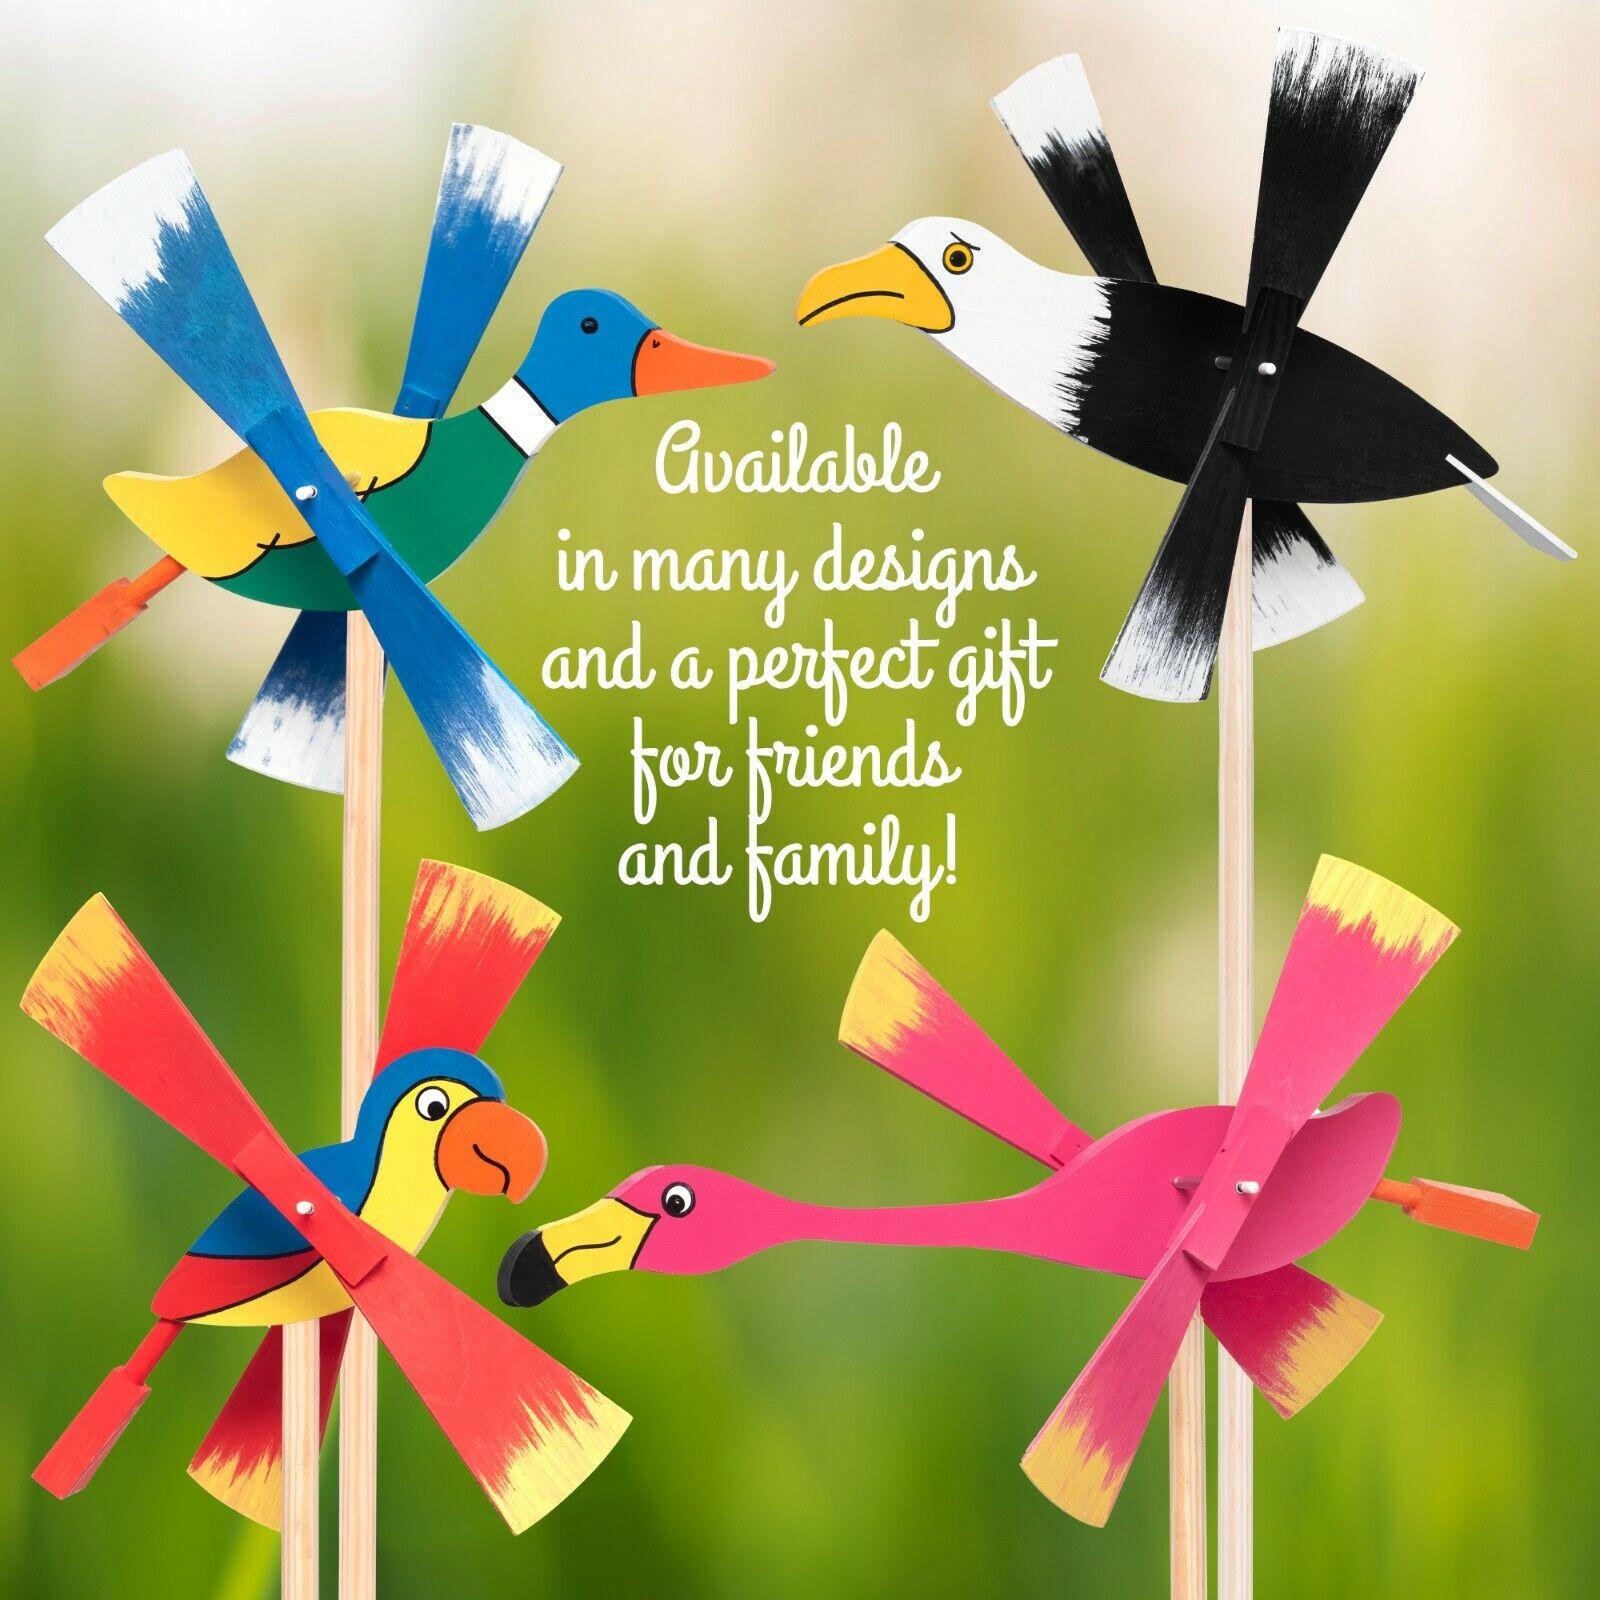 Wind Spinner Bird Repellent Cute Toy for Children Outdoor Garden Balcony Autism